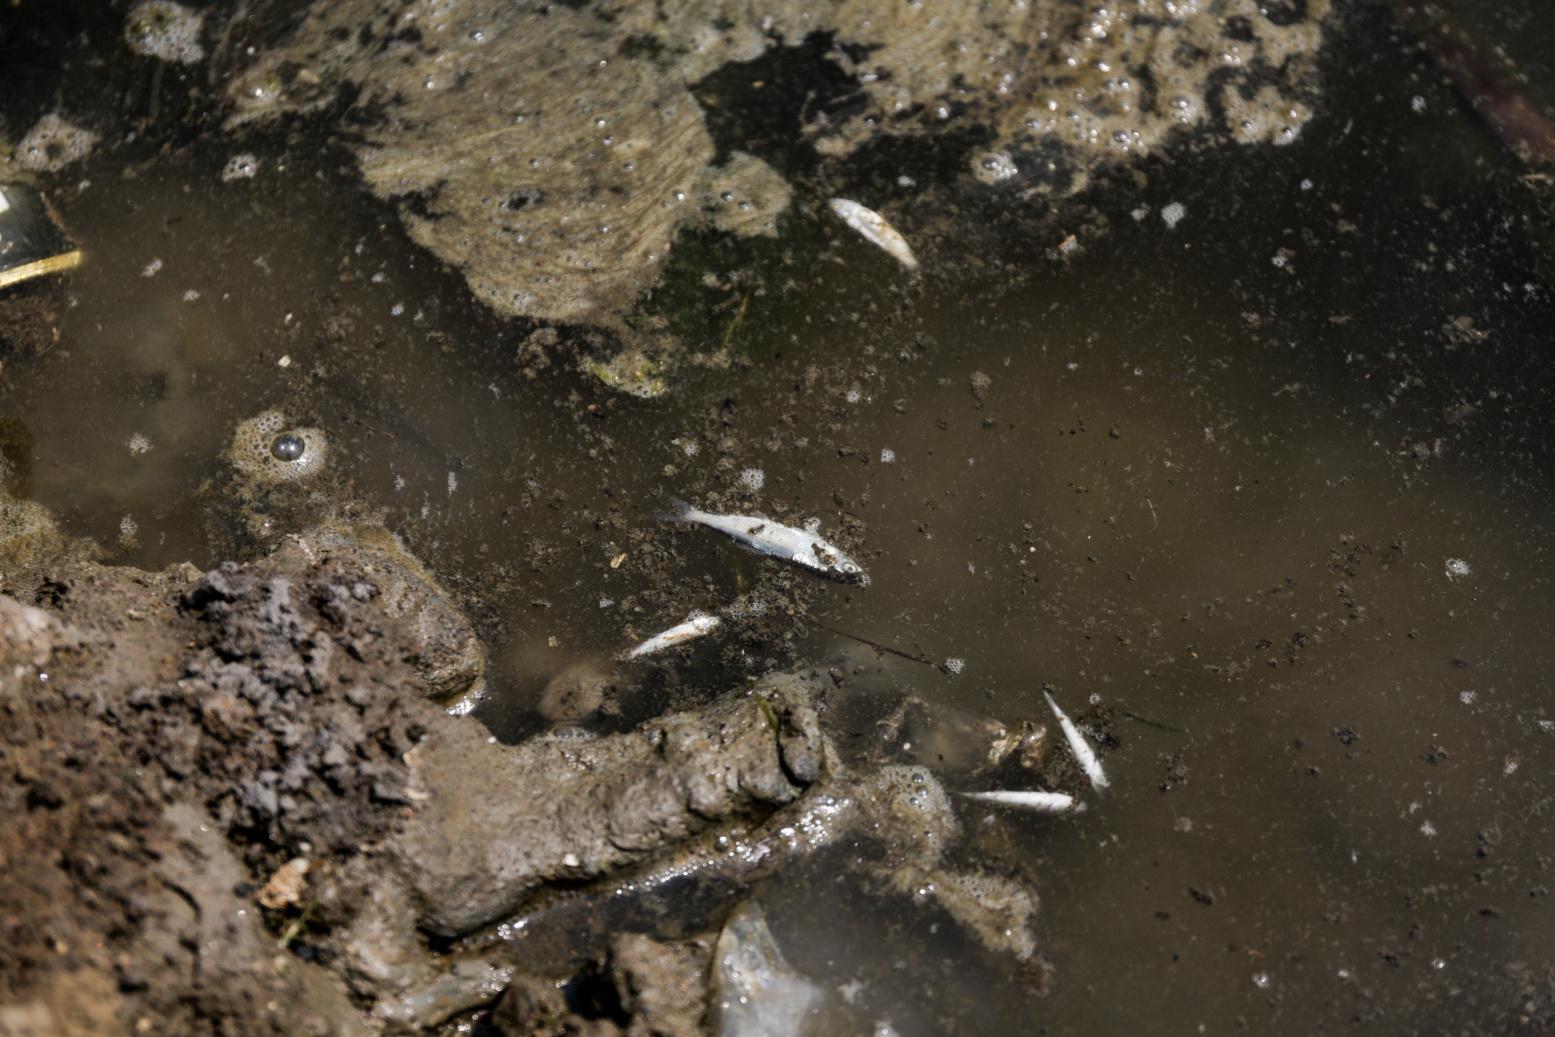 Limbah Minyak di Pantai Karawang